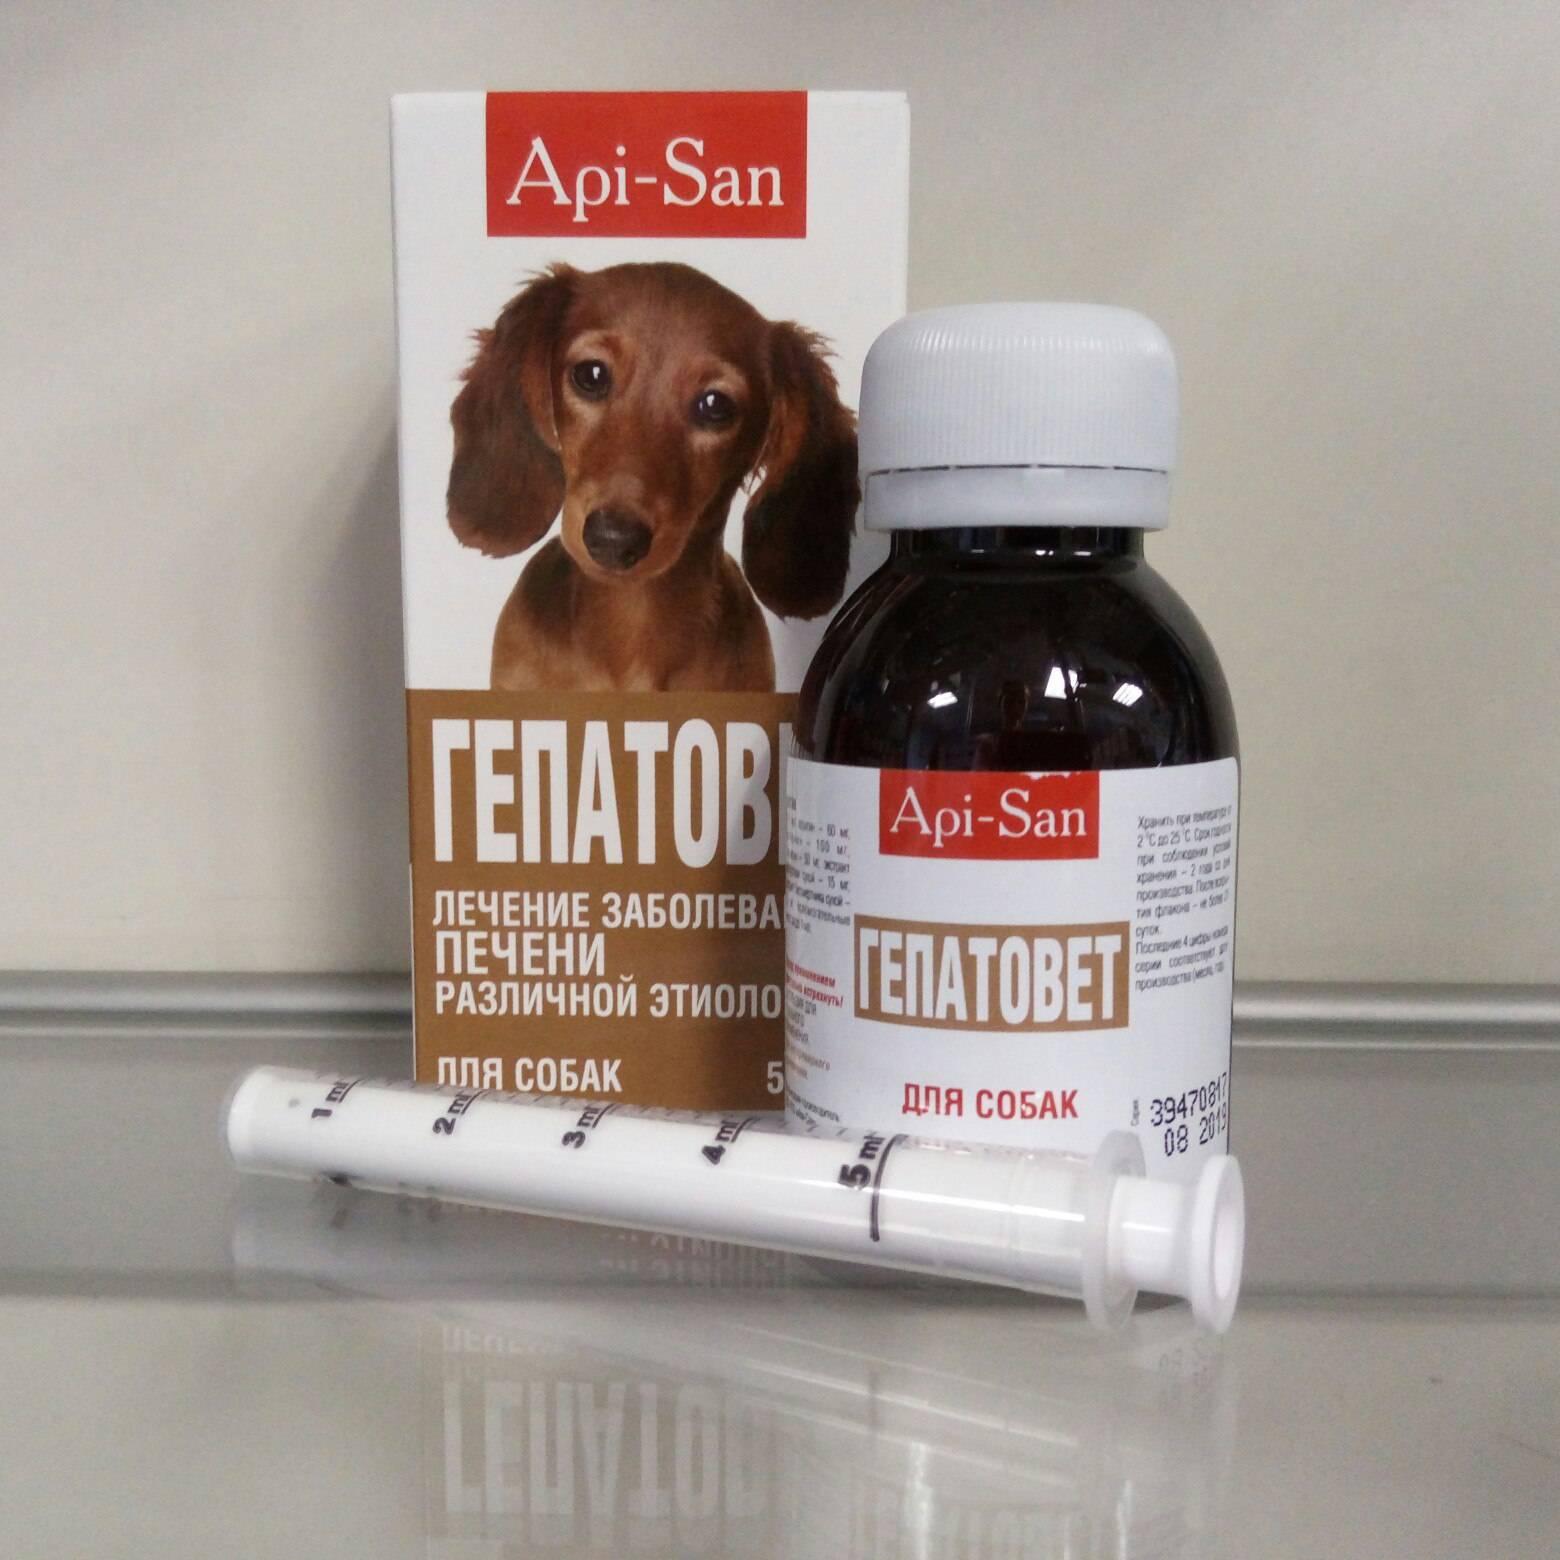 Гепатоджект для собак: инструкция и показания к применению, отзывы, цена